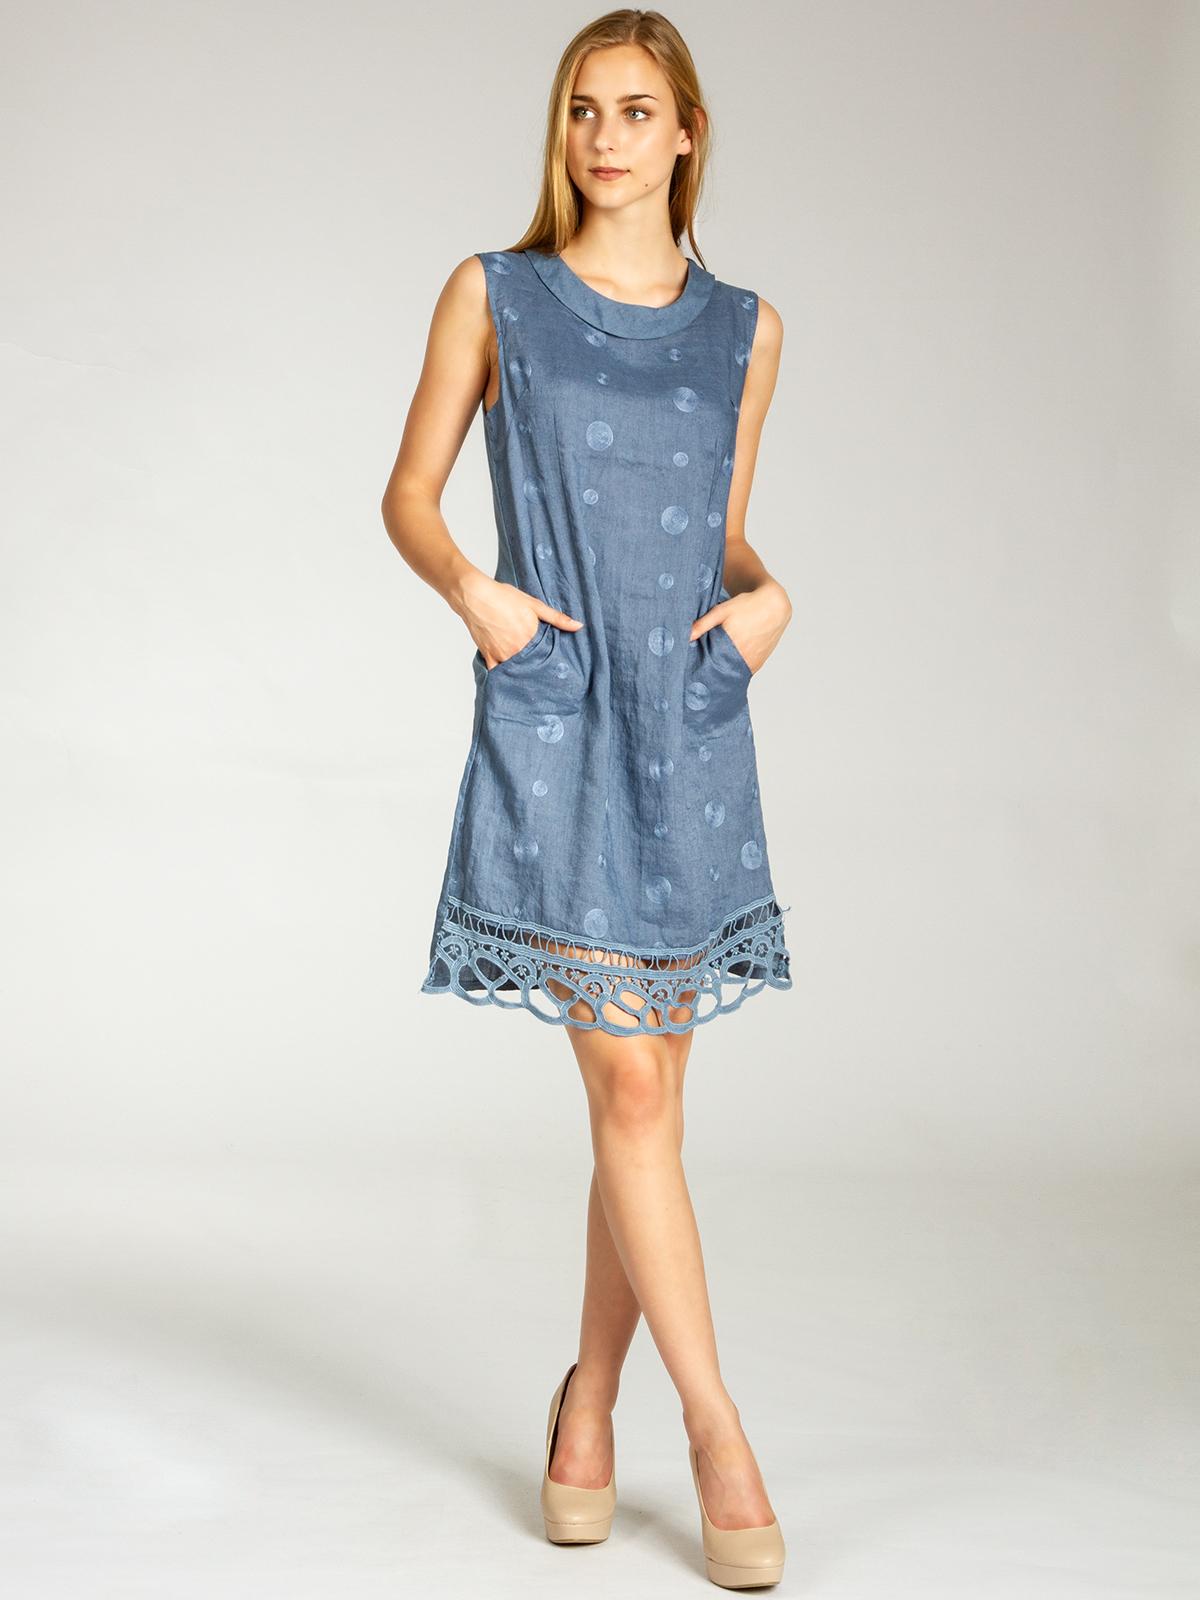 7cbfad971321 Lässiges, bequemes Damen Sommerkleid aus 100% italienischem Leinenstoff mit  kleinem Kragen, aufgestickten Punkten und Spitzeneinsatz.